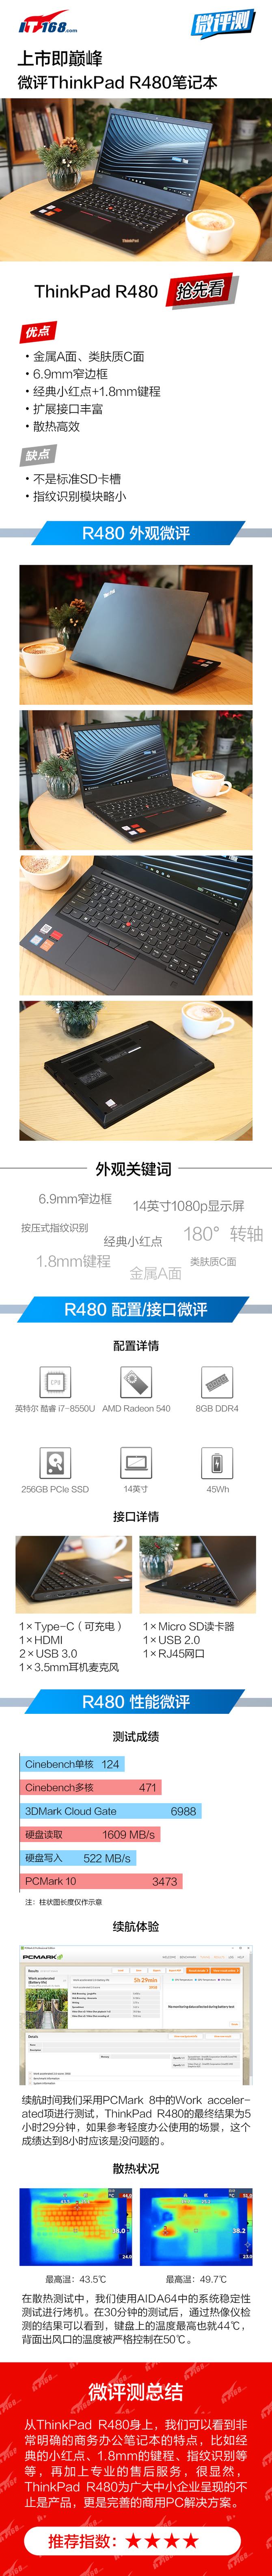 上市即巅峰 微评ThinkPad R480笔记本